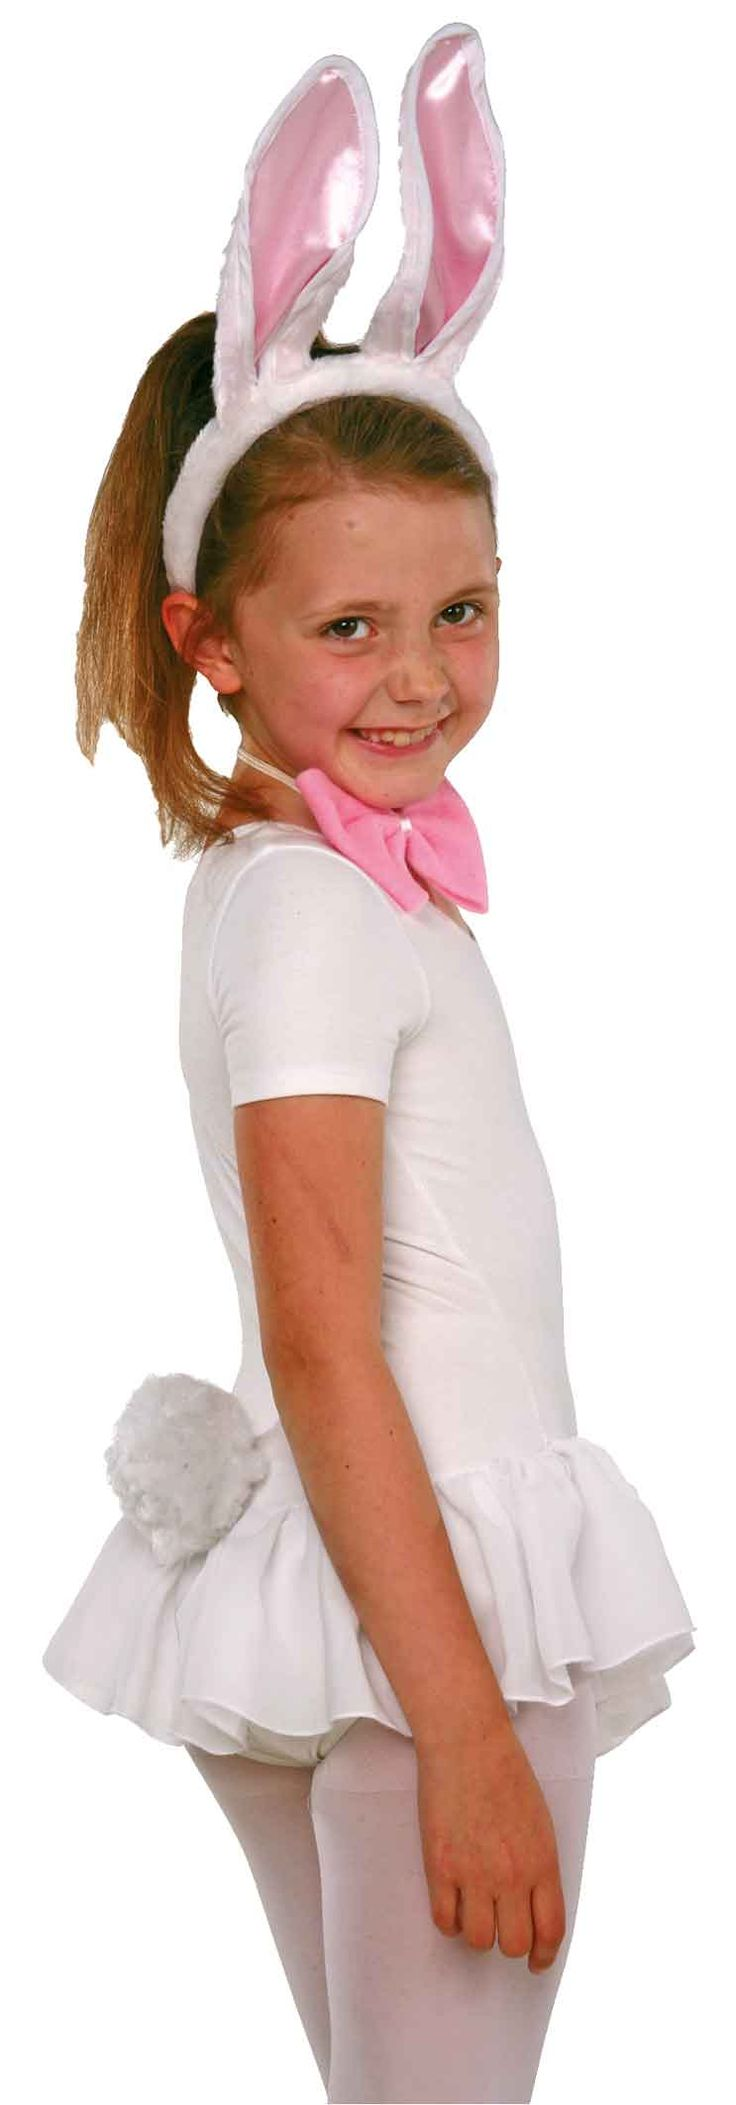 Set van 2, à 3 delen. Deze dierlijke verkleedcostumen mogen in geen assortiment ontbreken! Het 3-delige set bestaat uit een haarhoepel met roze-wit lepels, een bijpassende lus alsook en witte jurk met bloem. Het costuum is geschikt voor meisjes vanaf 4jaar. Ontdekt u nu onze verdere kinderkostuums!